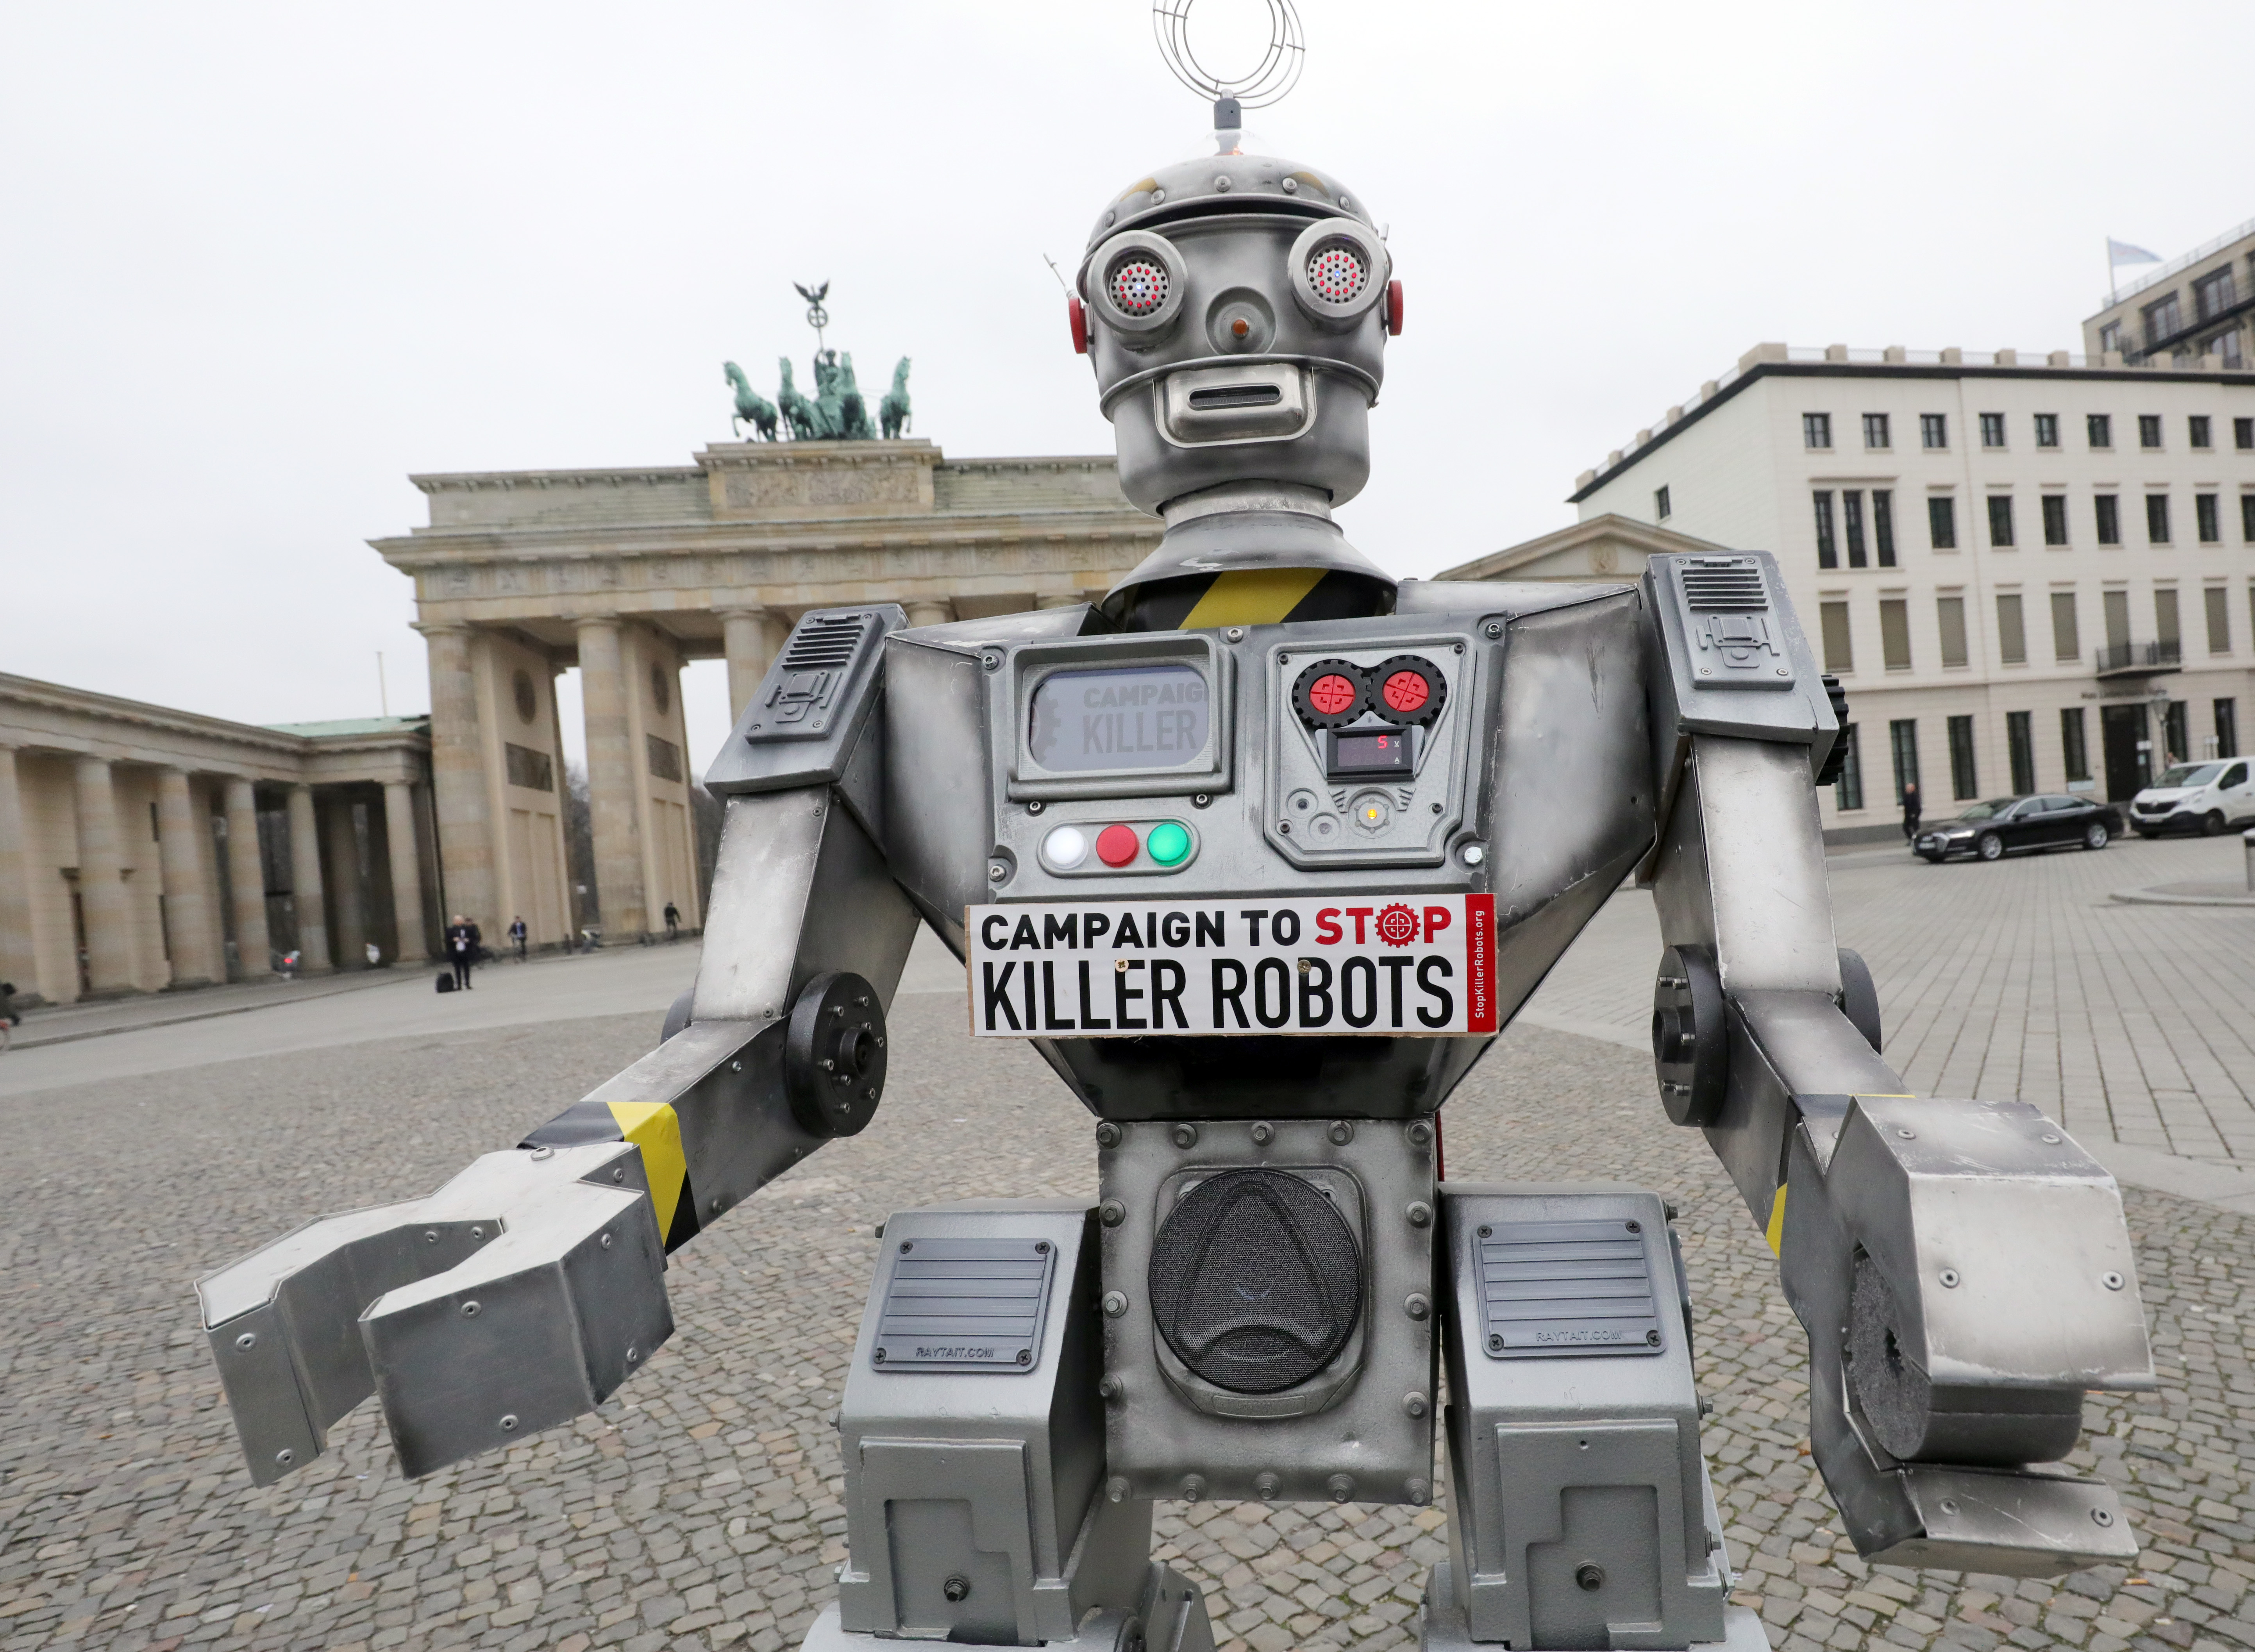 A nyugat-európaiak tartanak a robotoktól, de a negyedük így is inkább rájuk bízná a kormányzást